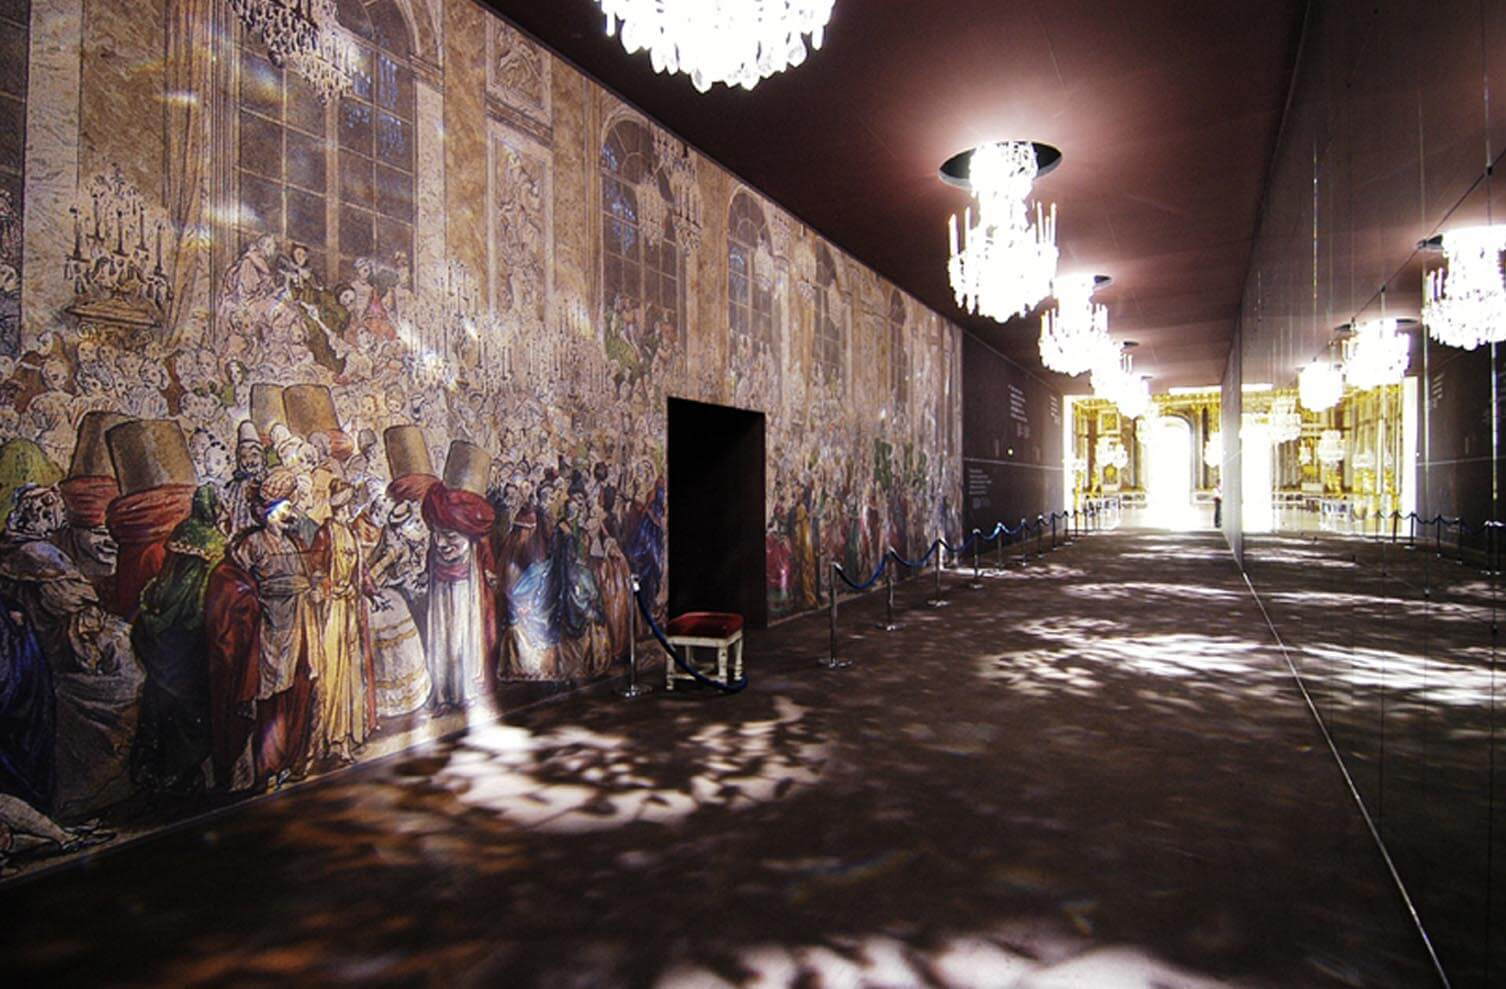 Image Galerie des Glaces 3